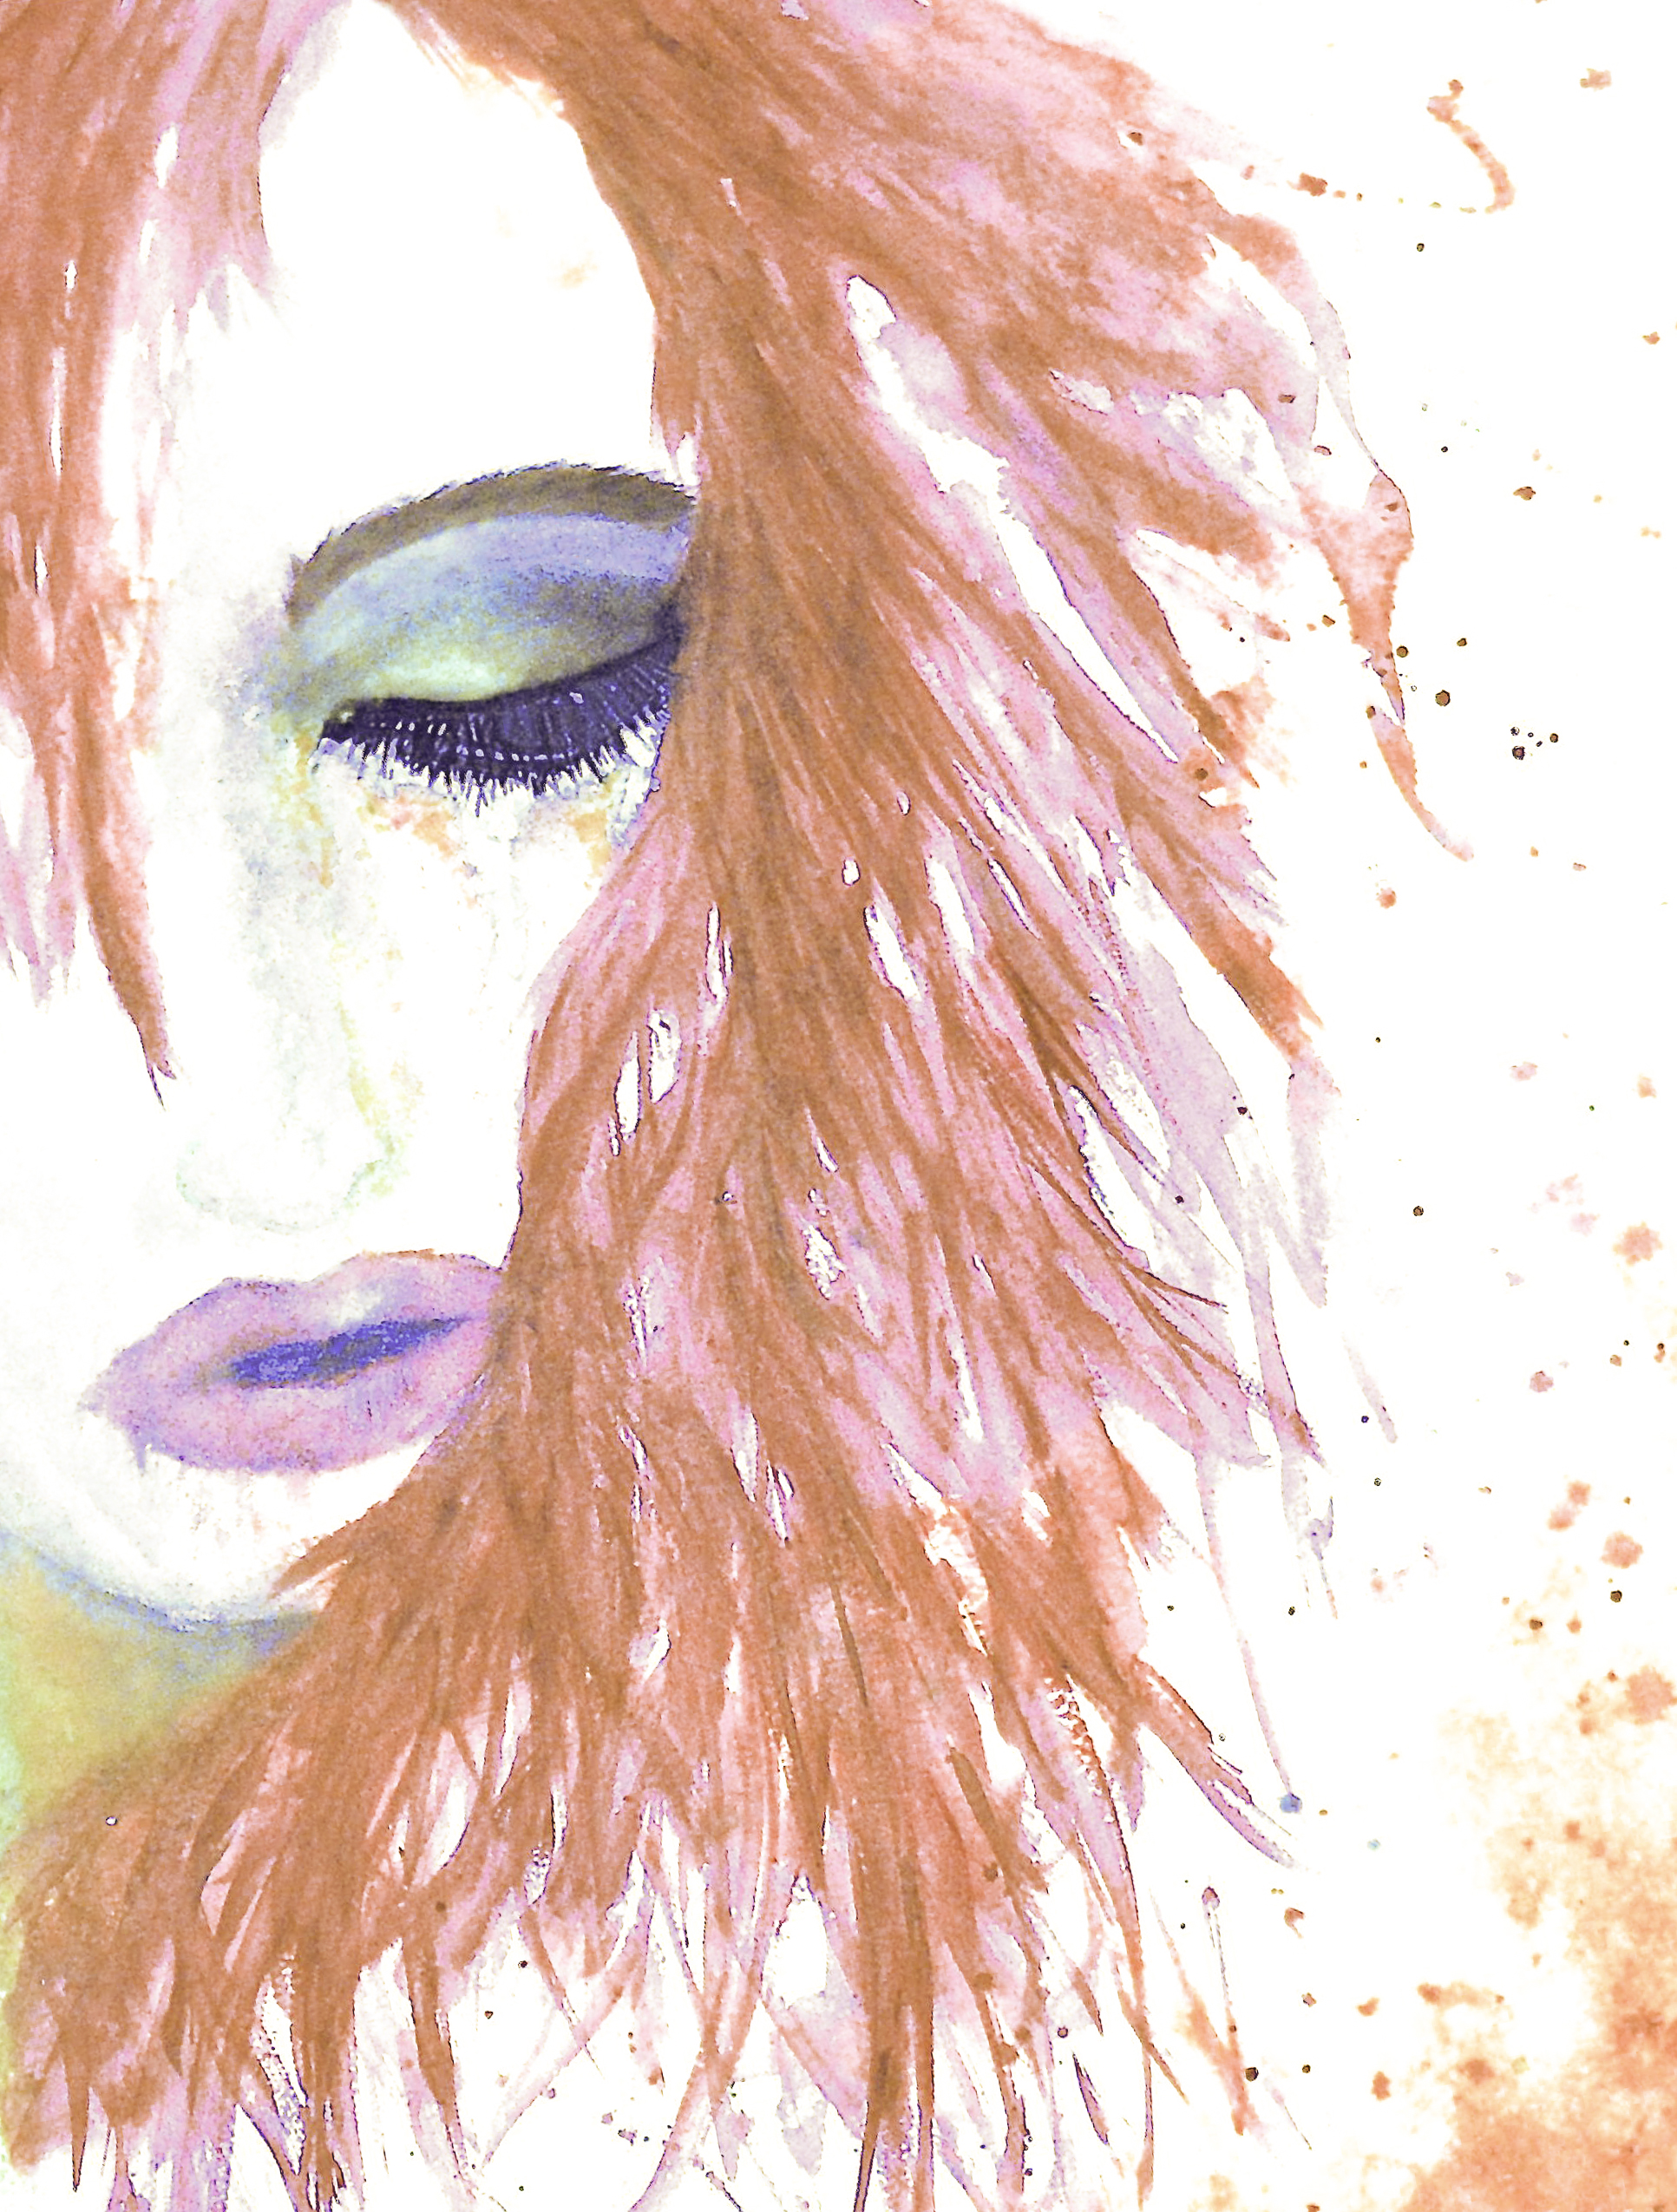 Release-Pink hair-peacock eye 2014-3